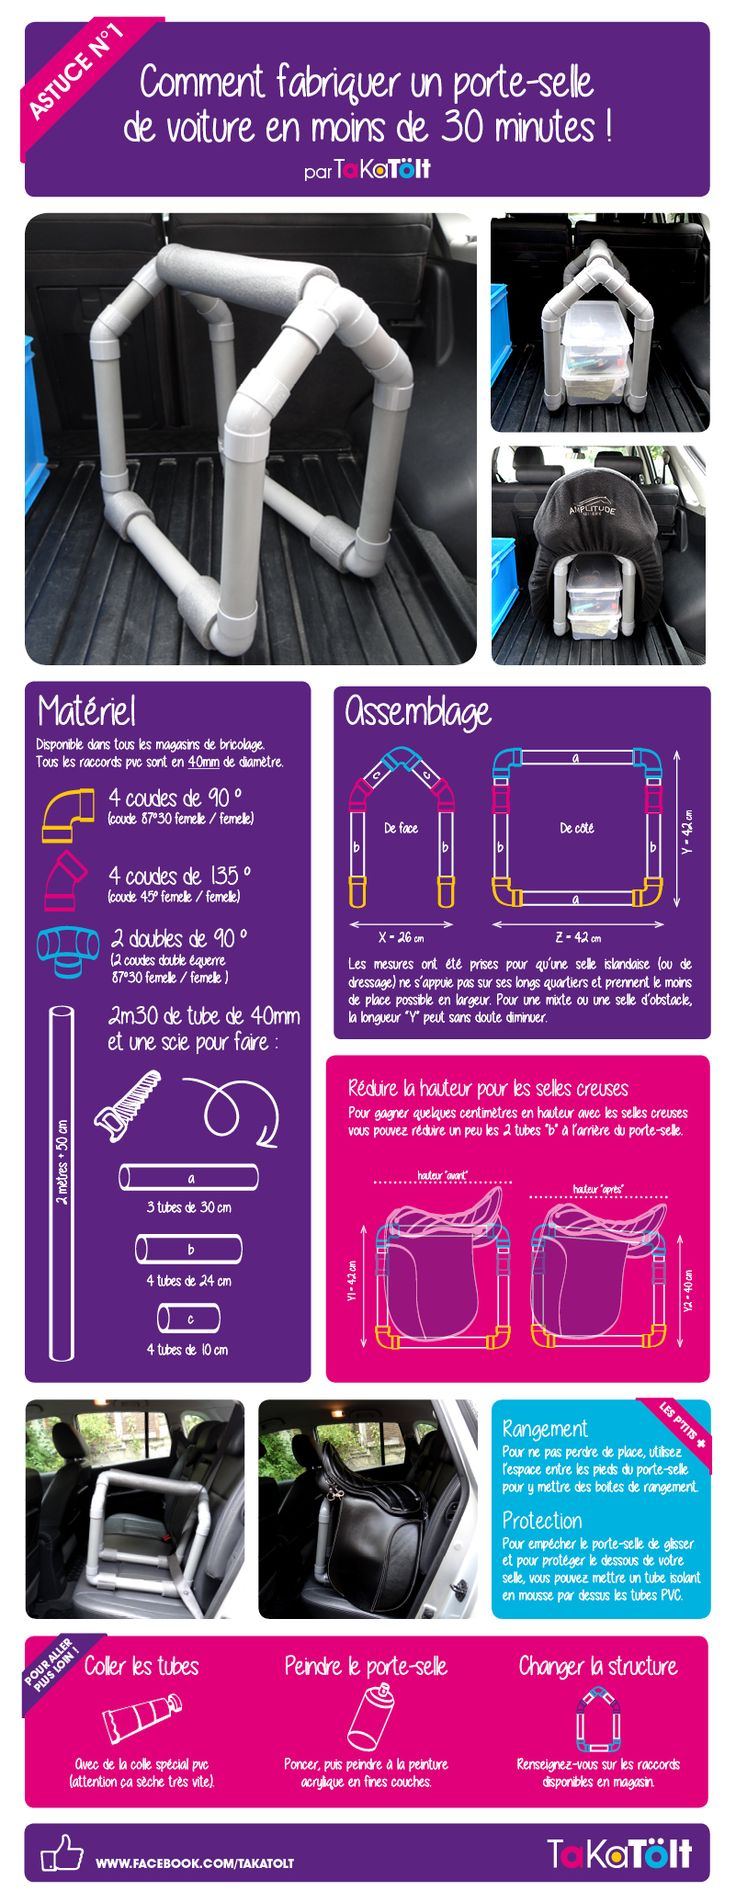 TaKaTölt, vêtements et goodies - Astuce n°1 : Comment fabriquer un porte-selle de voitureen moins de 30 min.